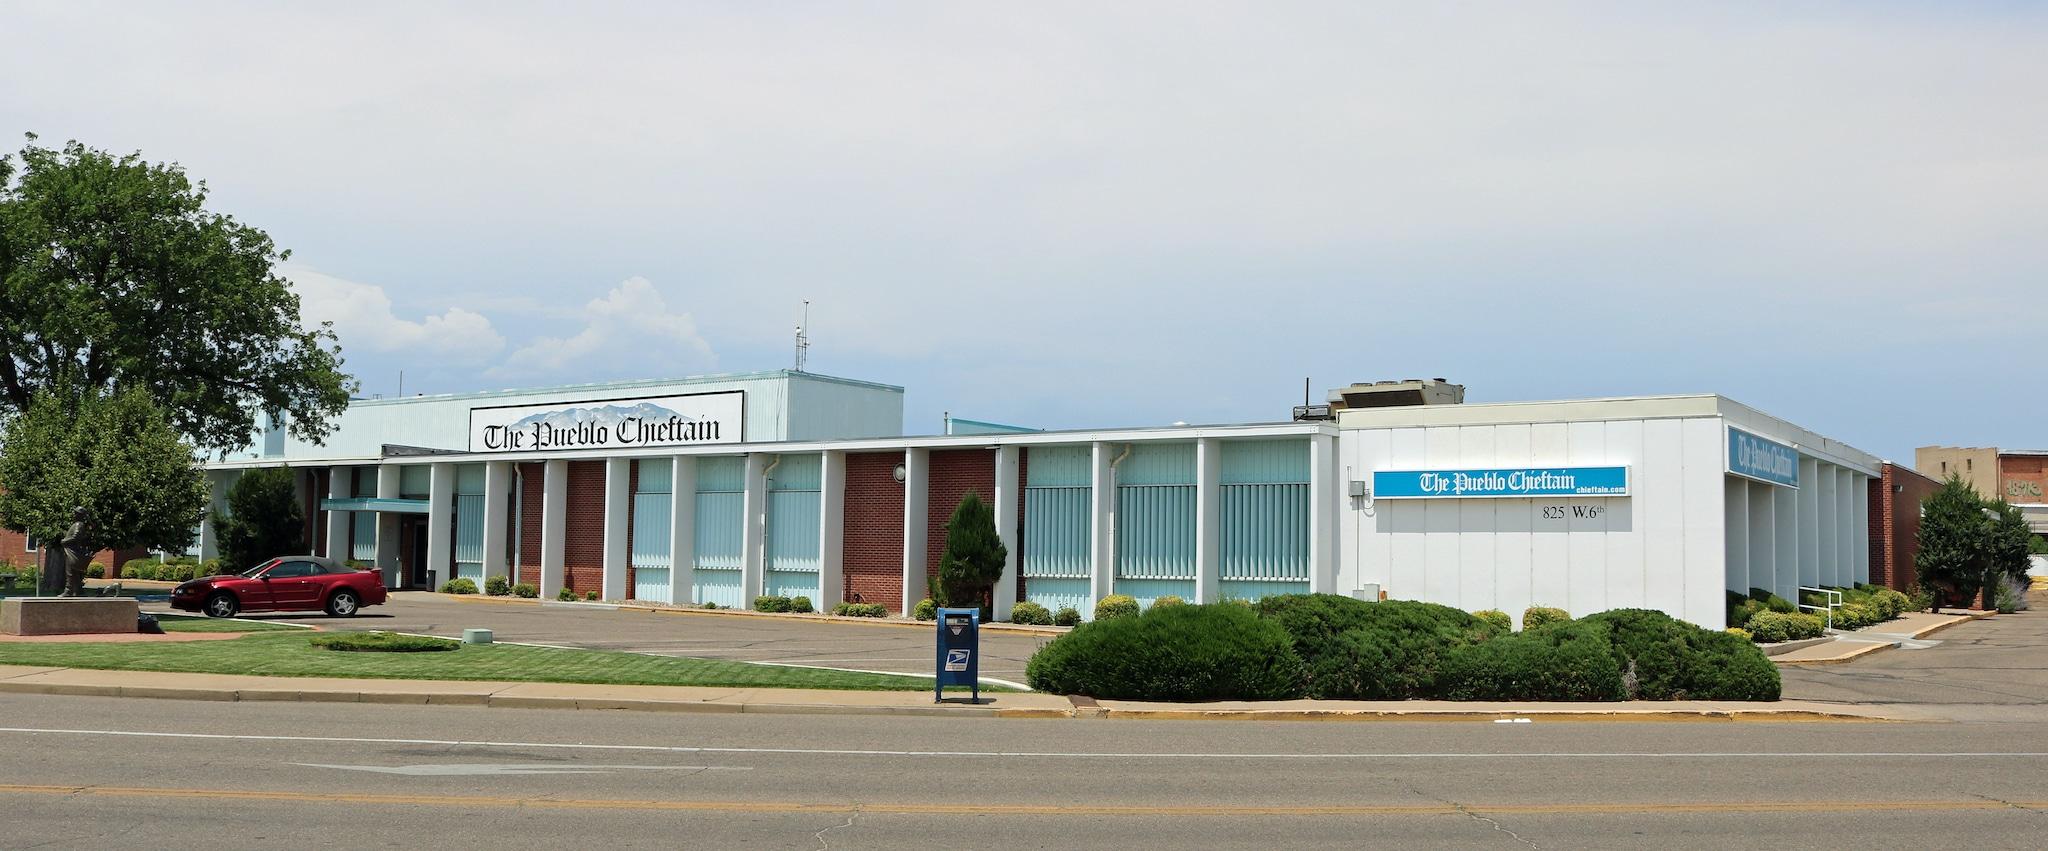 The Pueblo Chieftain Building Colorado